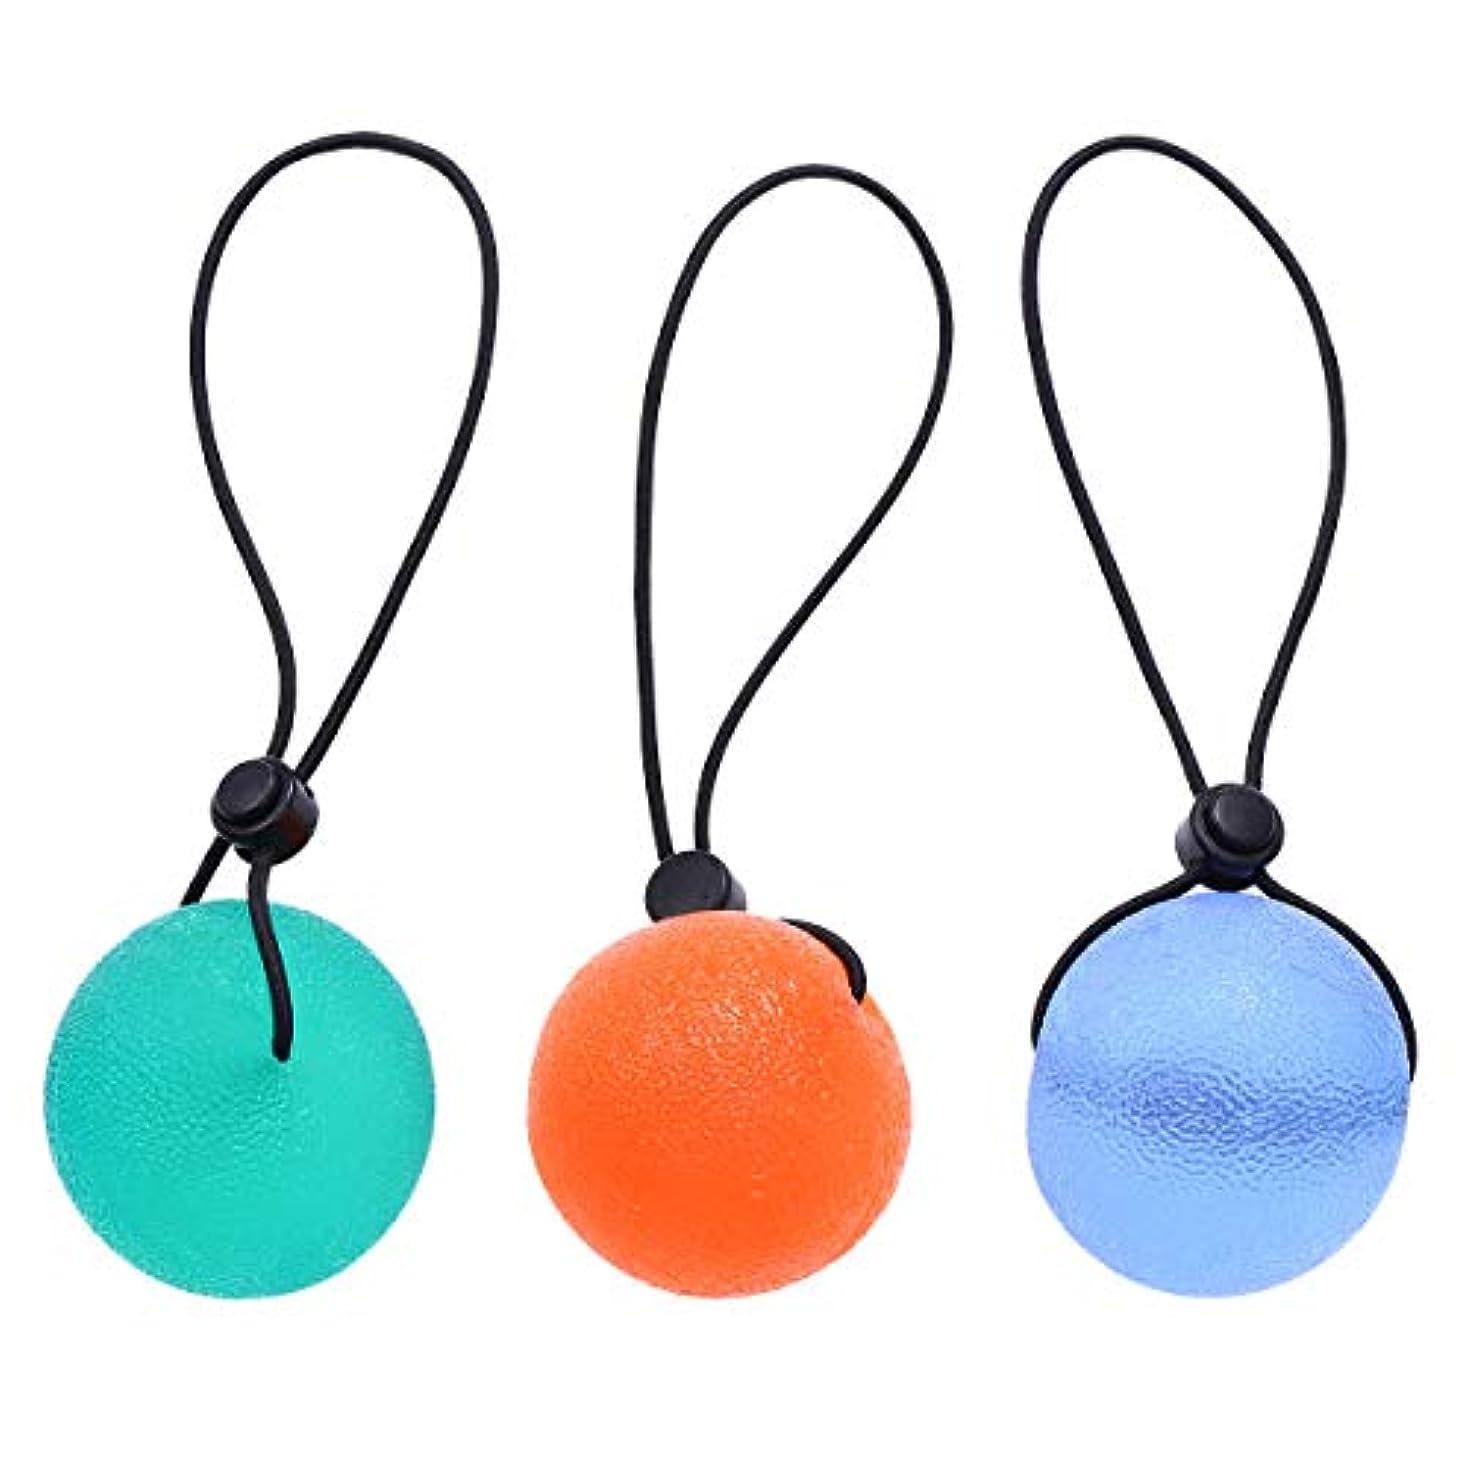 割り当てるギターコントローラHEALLILY 3個ハンドセラピー運動ボールグリップ強化剤指グリップボールと文字列